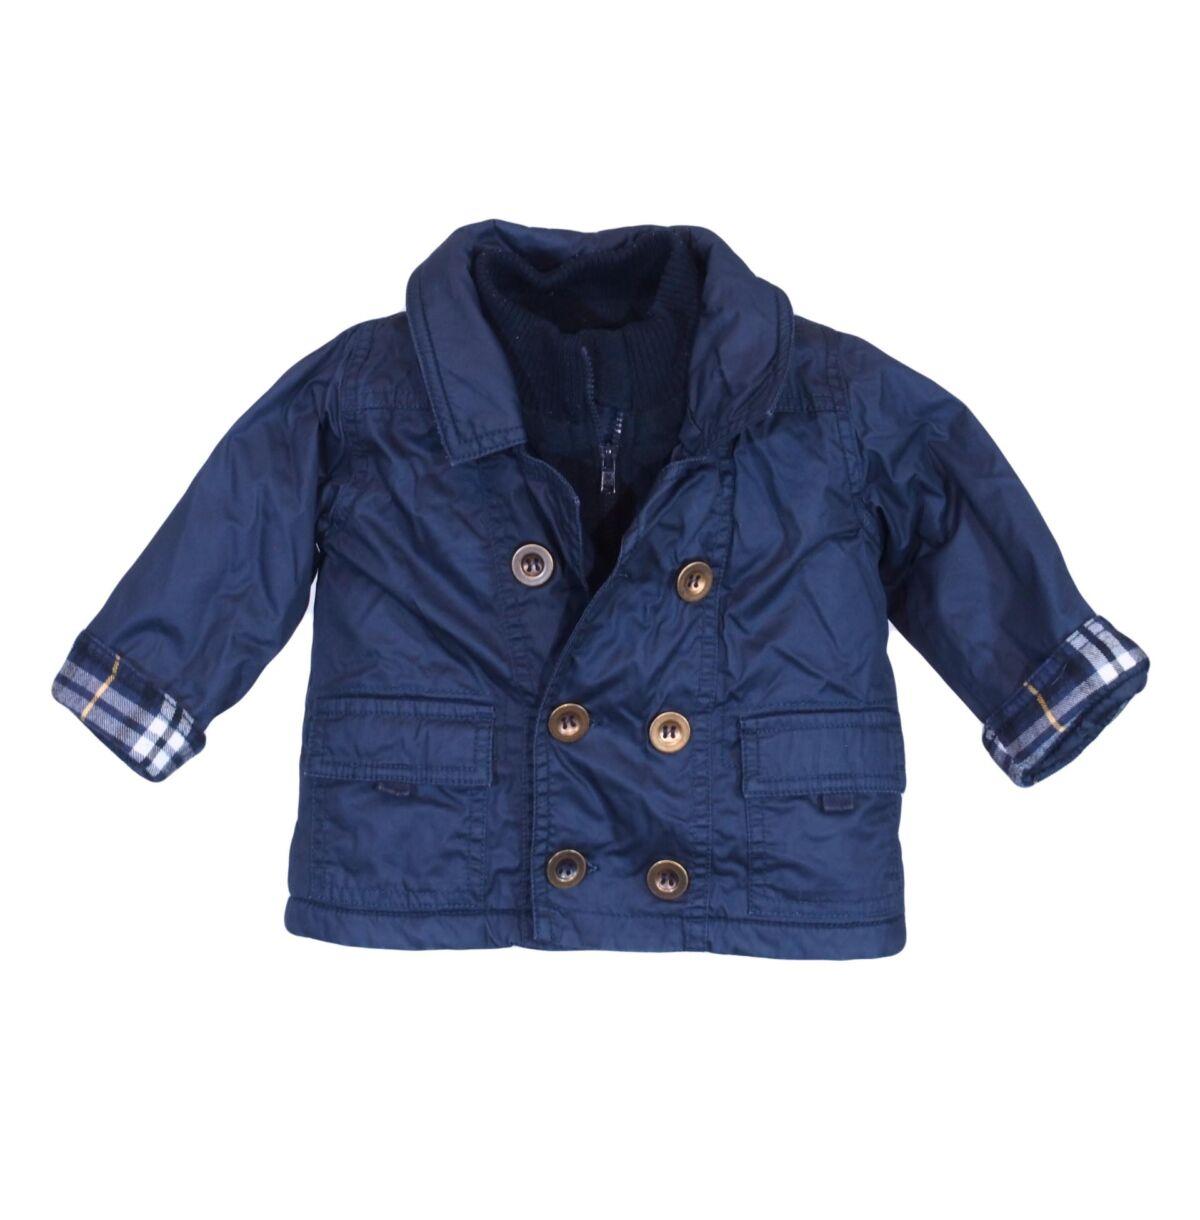 Használt ruha   Outlet szűrése  TIPUS  Kabát  Dzseki b0b57fa2f8